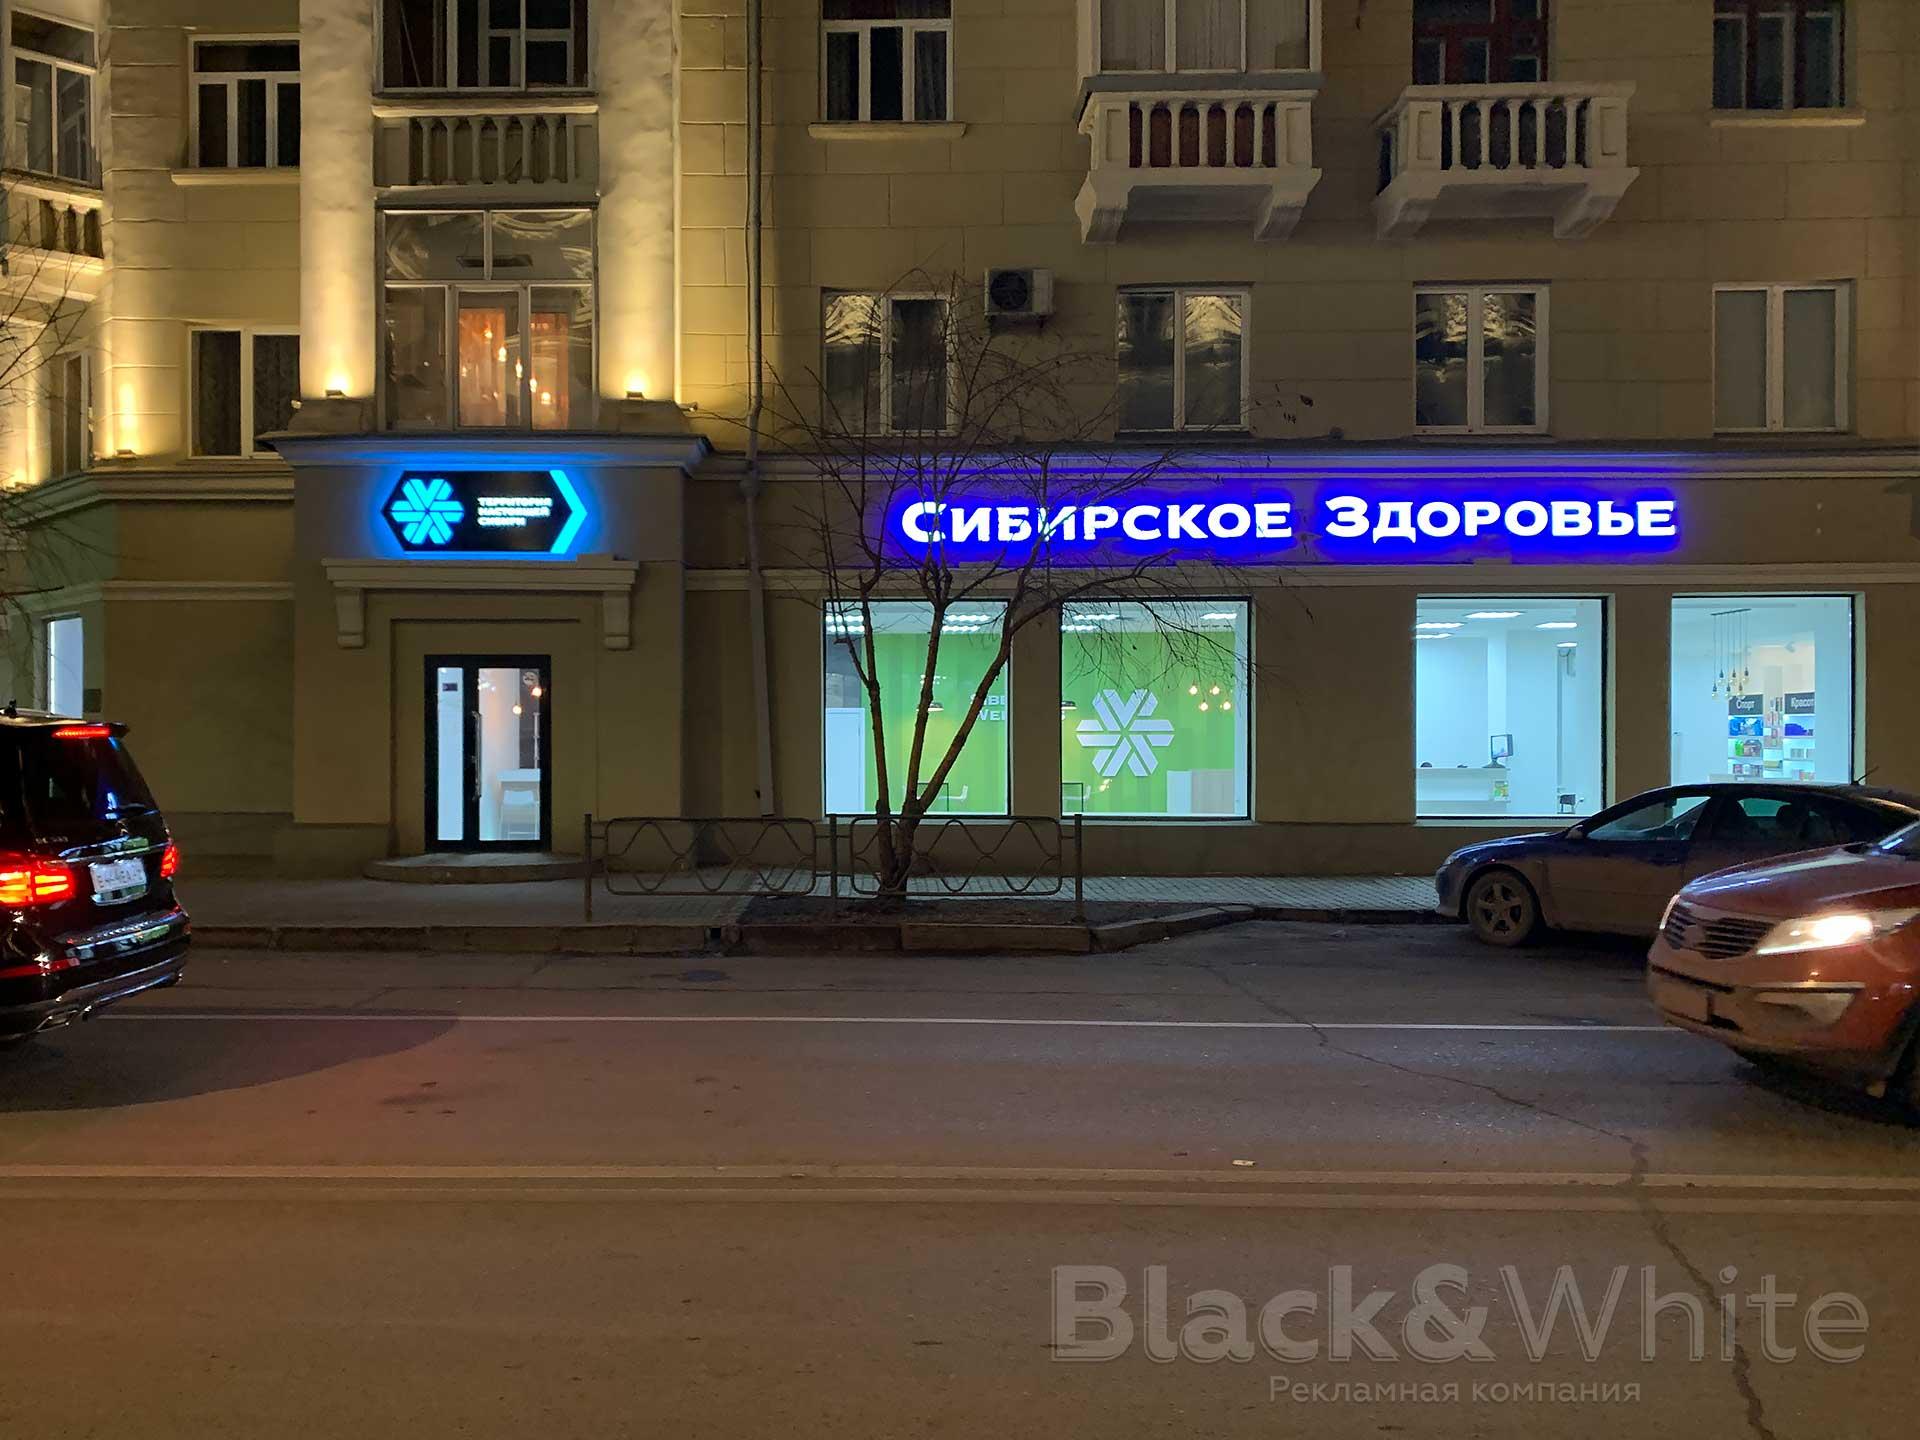 объёмные-буквы-с-внутреней-подсверкой-и-буквы-с-контражурной-подсветкой-Красноярск.jpg